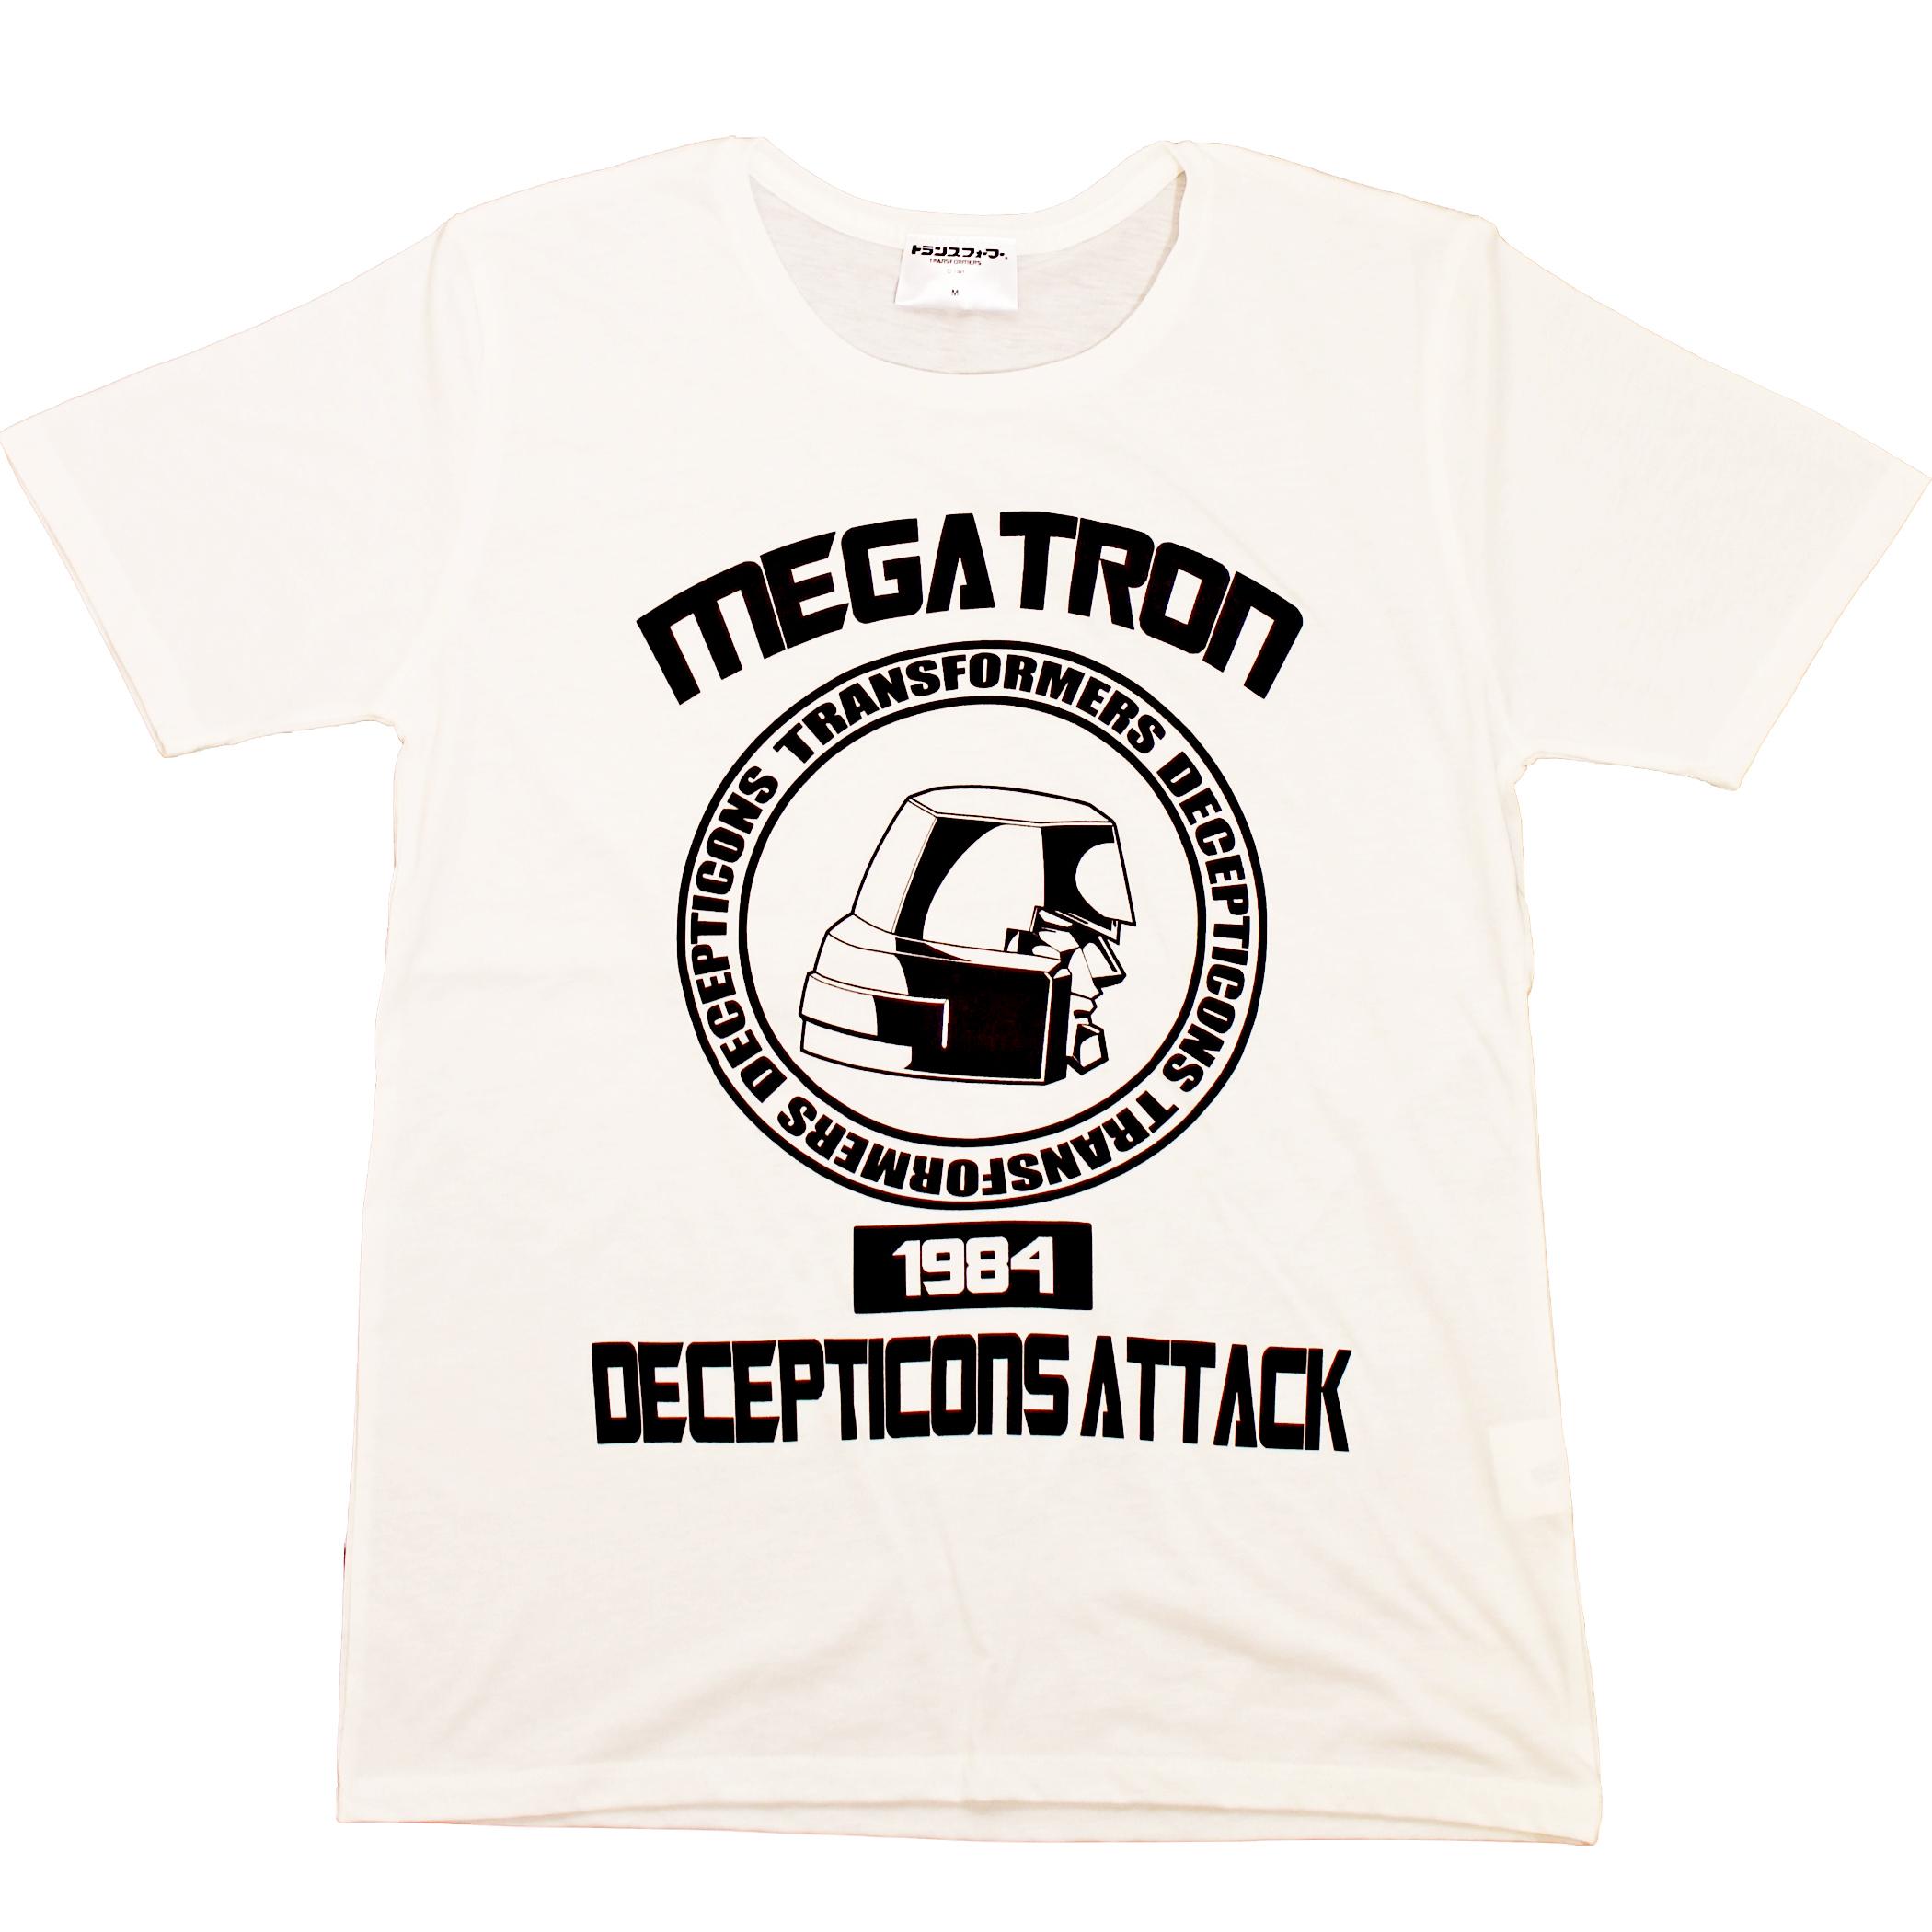 【トランスフォーマー】戦え!超ロボット生命体トランスフォーマー|メガトロンカレッジデザイン Tシャツ